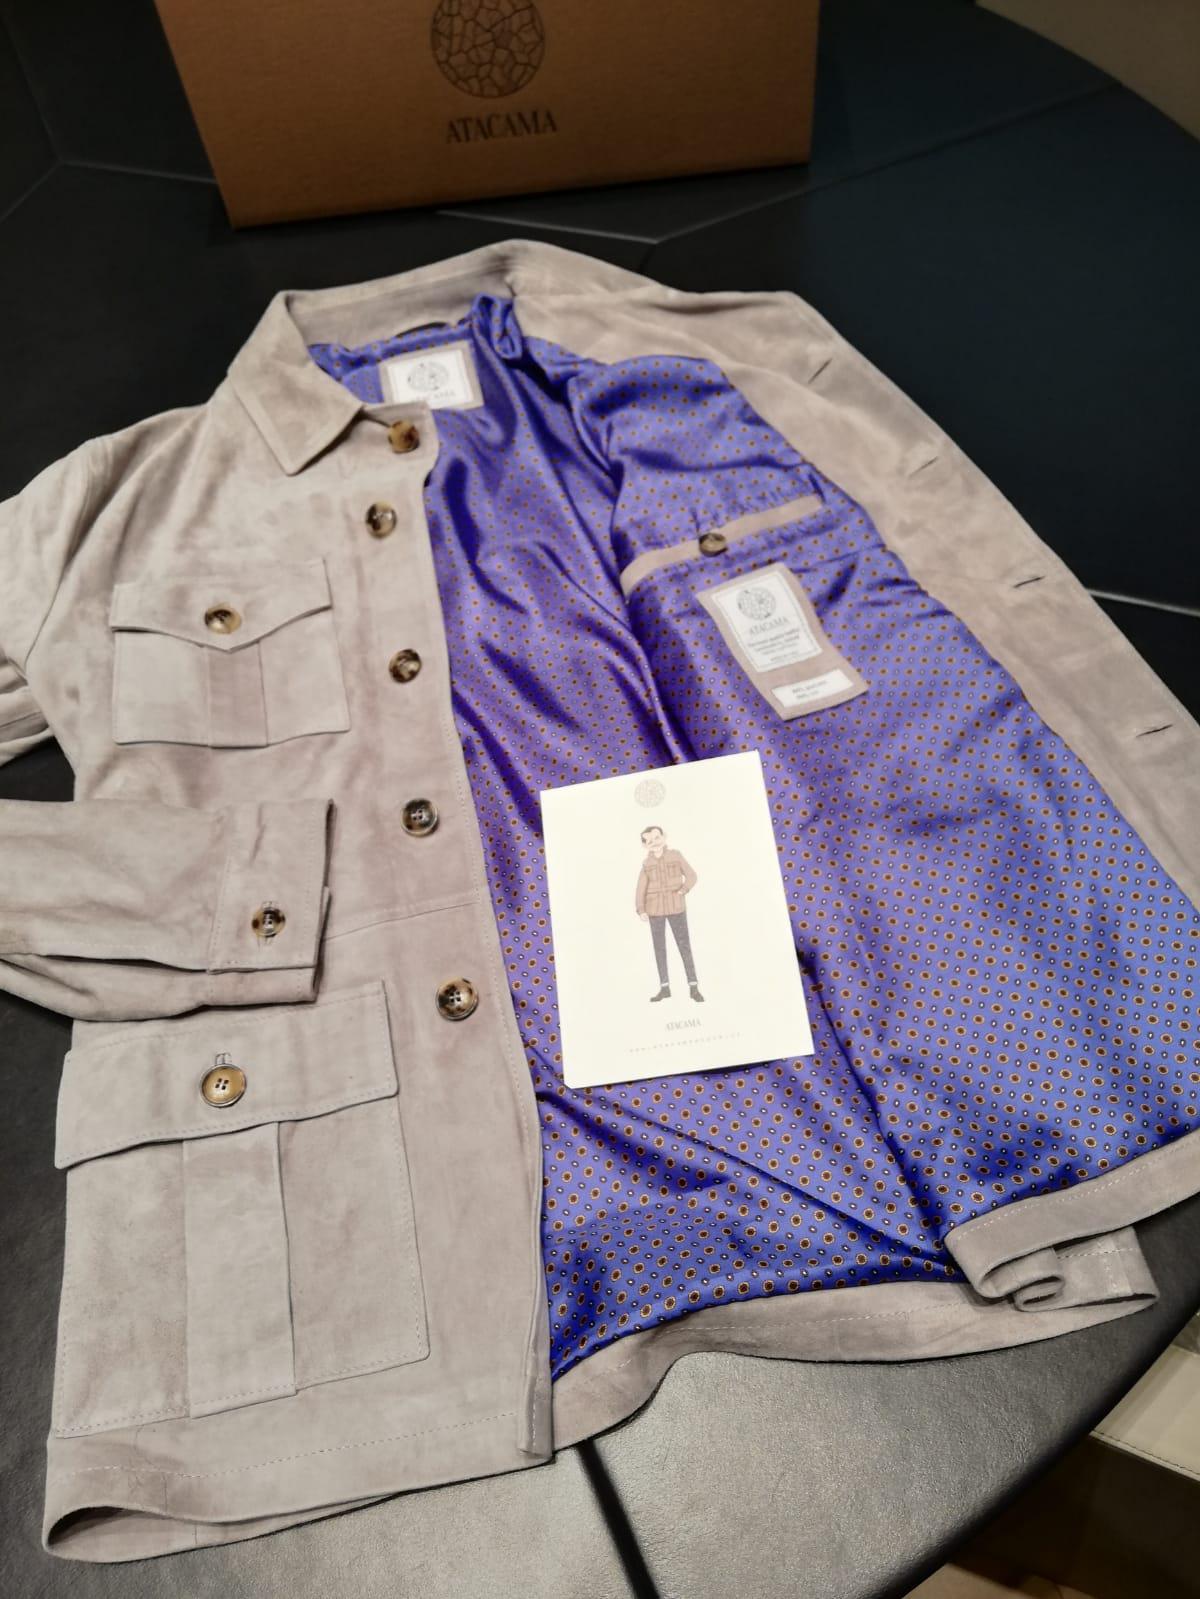 À l'intérieur de la veste, on retrouve une doublure en soie. Je dois avouer ne pas être fan de la couleur choisie (par mes soins). Erreur de ma part... Une couleur moins criarde me conviendrait mieux.